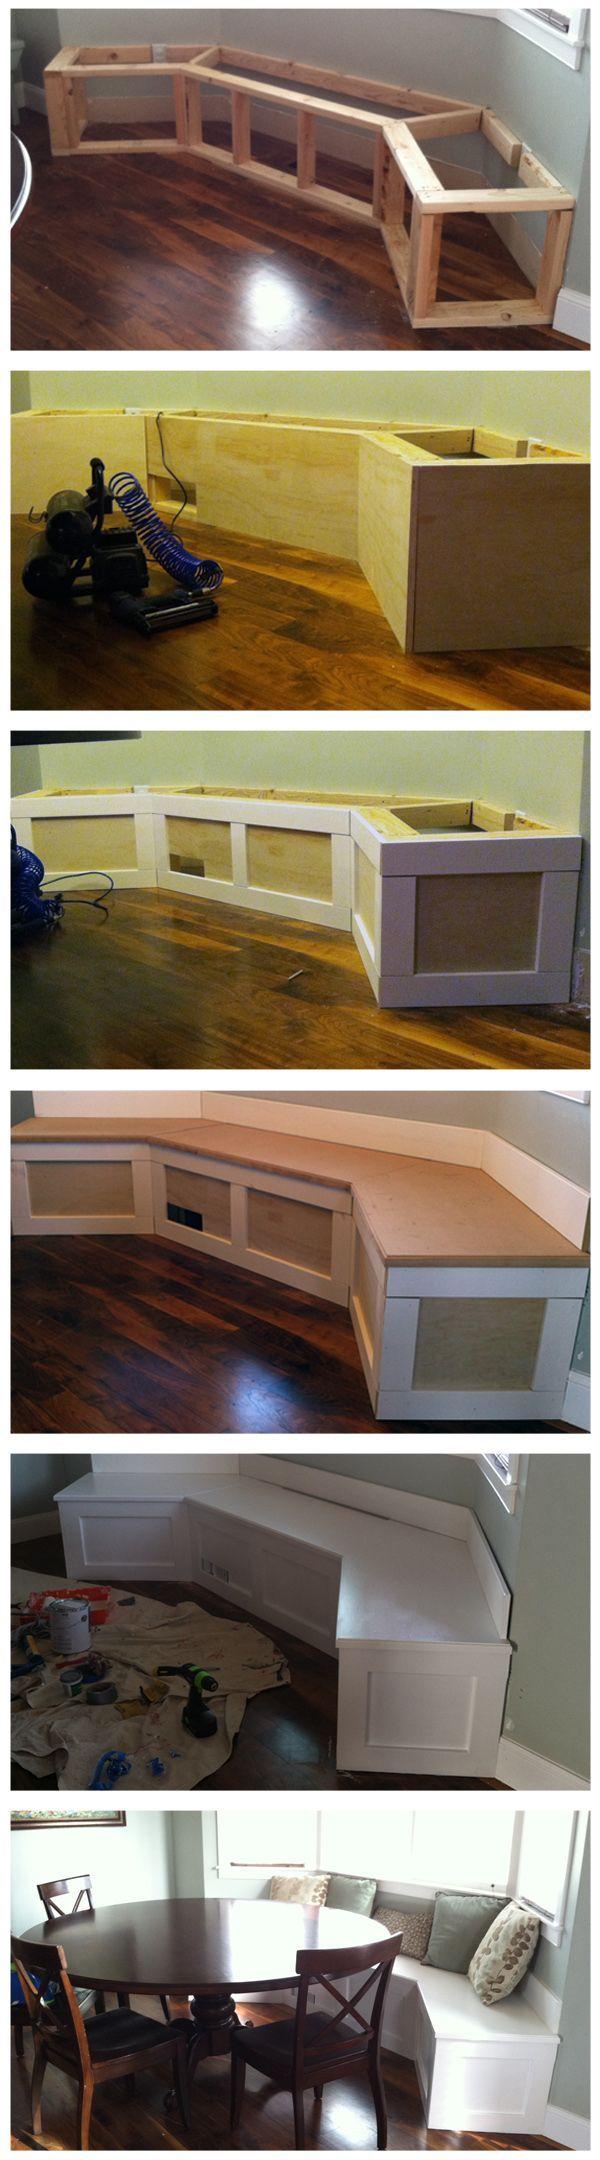 DIY Built-in Banquette. #diy #home #decor